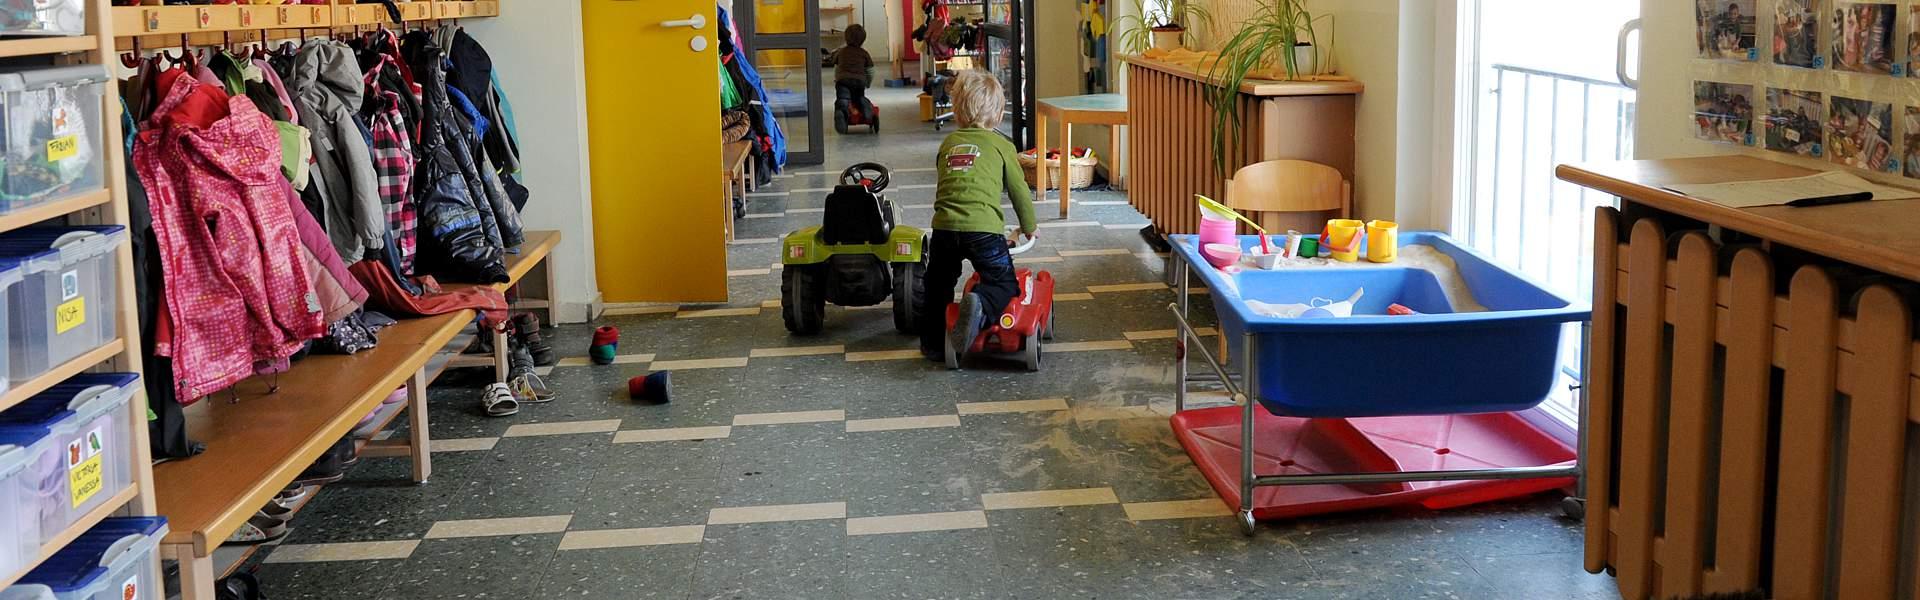 Verein für Langenberger Kinder e.V.